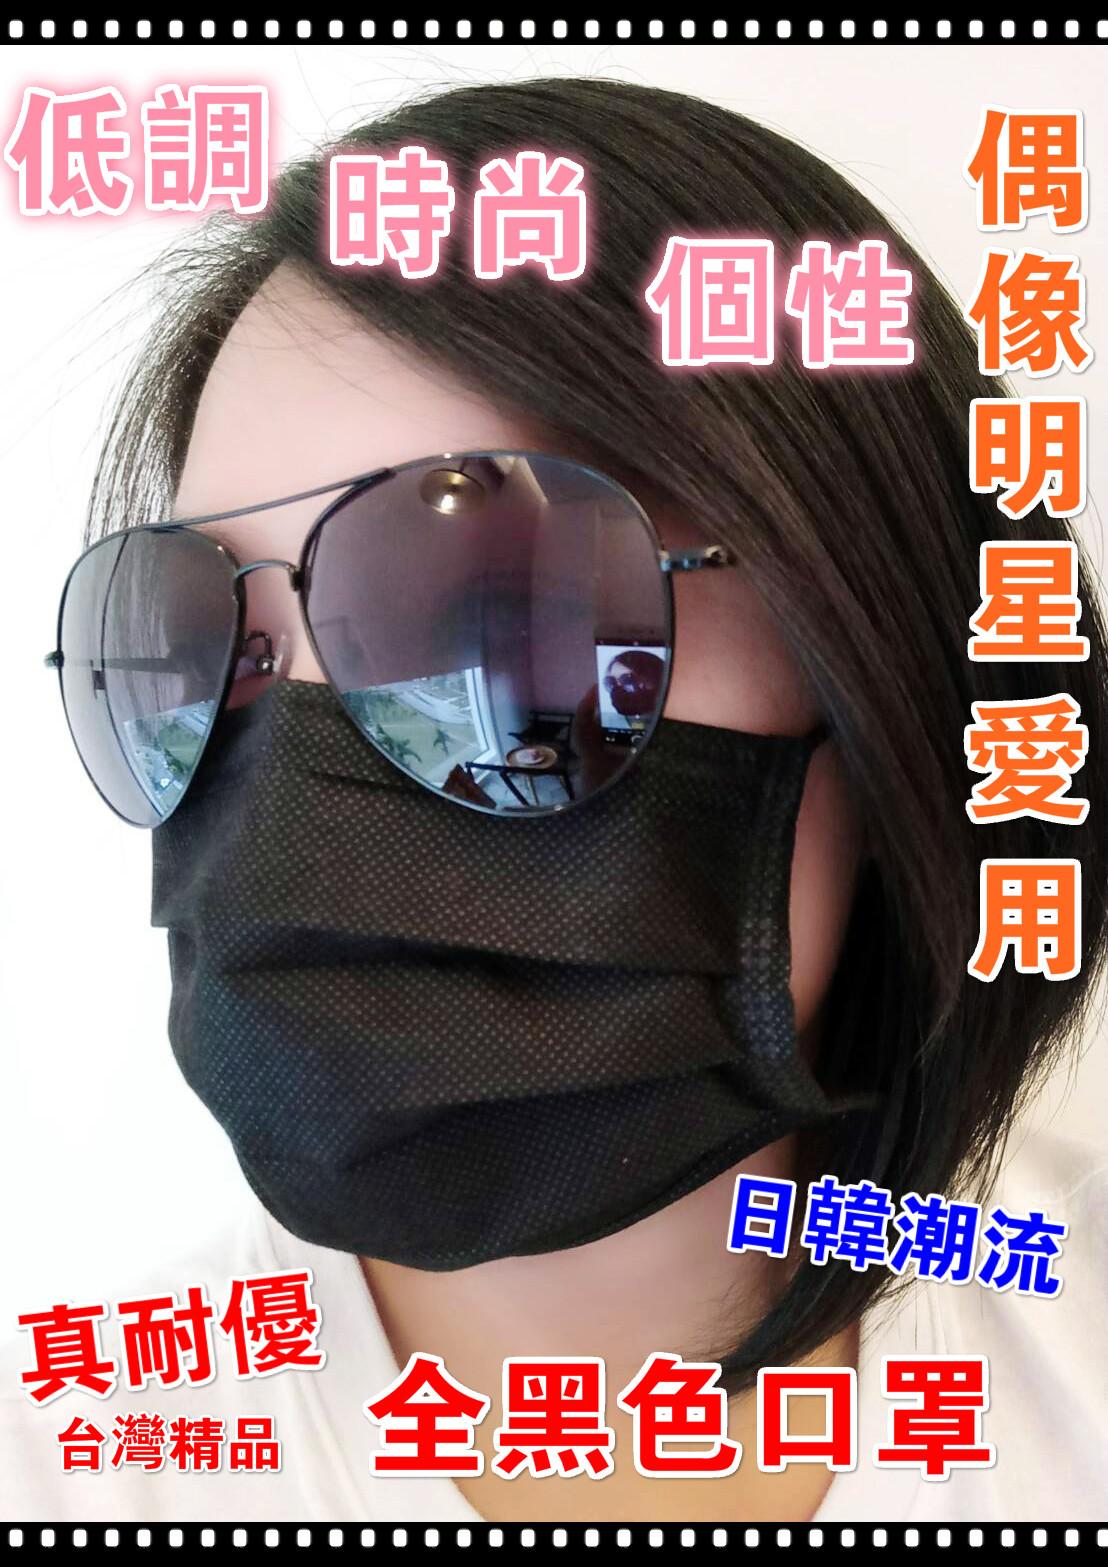 ❤含發票❤台灣品牌❤全球明星愛用款-全黑色個性口罩30枚入(盒裝)◄三層不織布/面罩拋棄式口罩防曬衛生口罩防風防塵